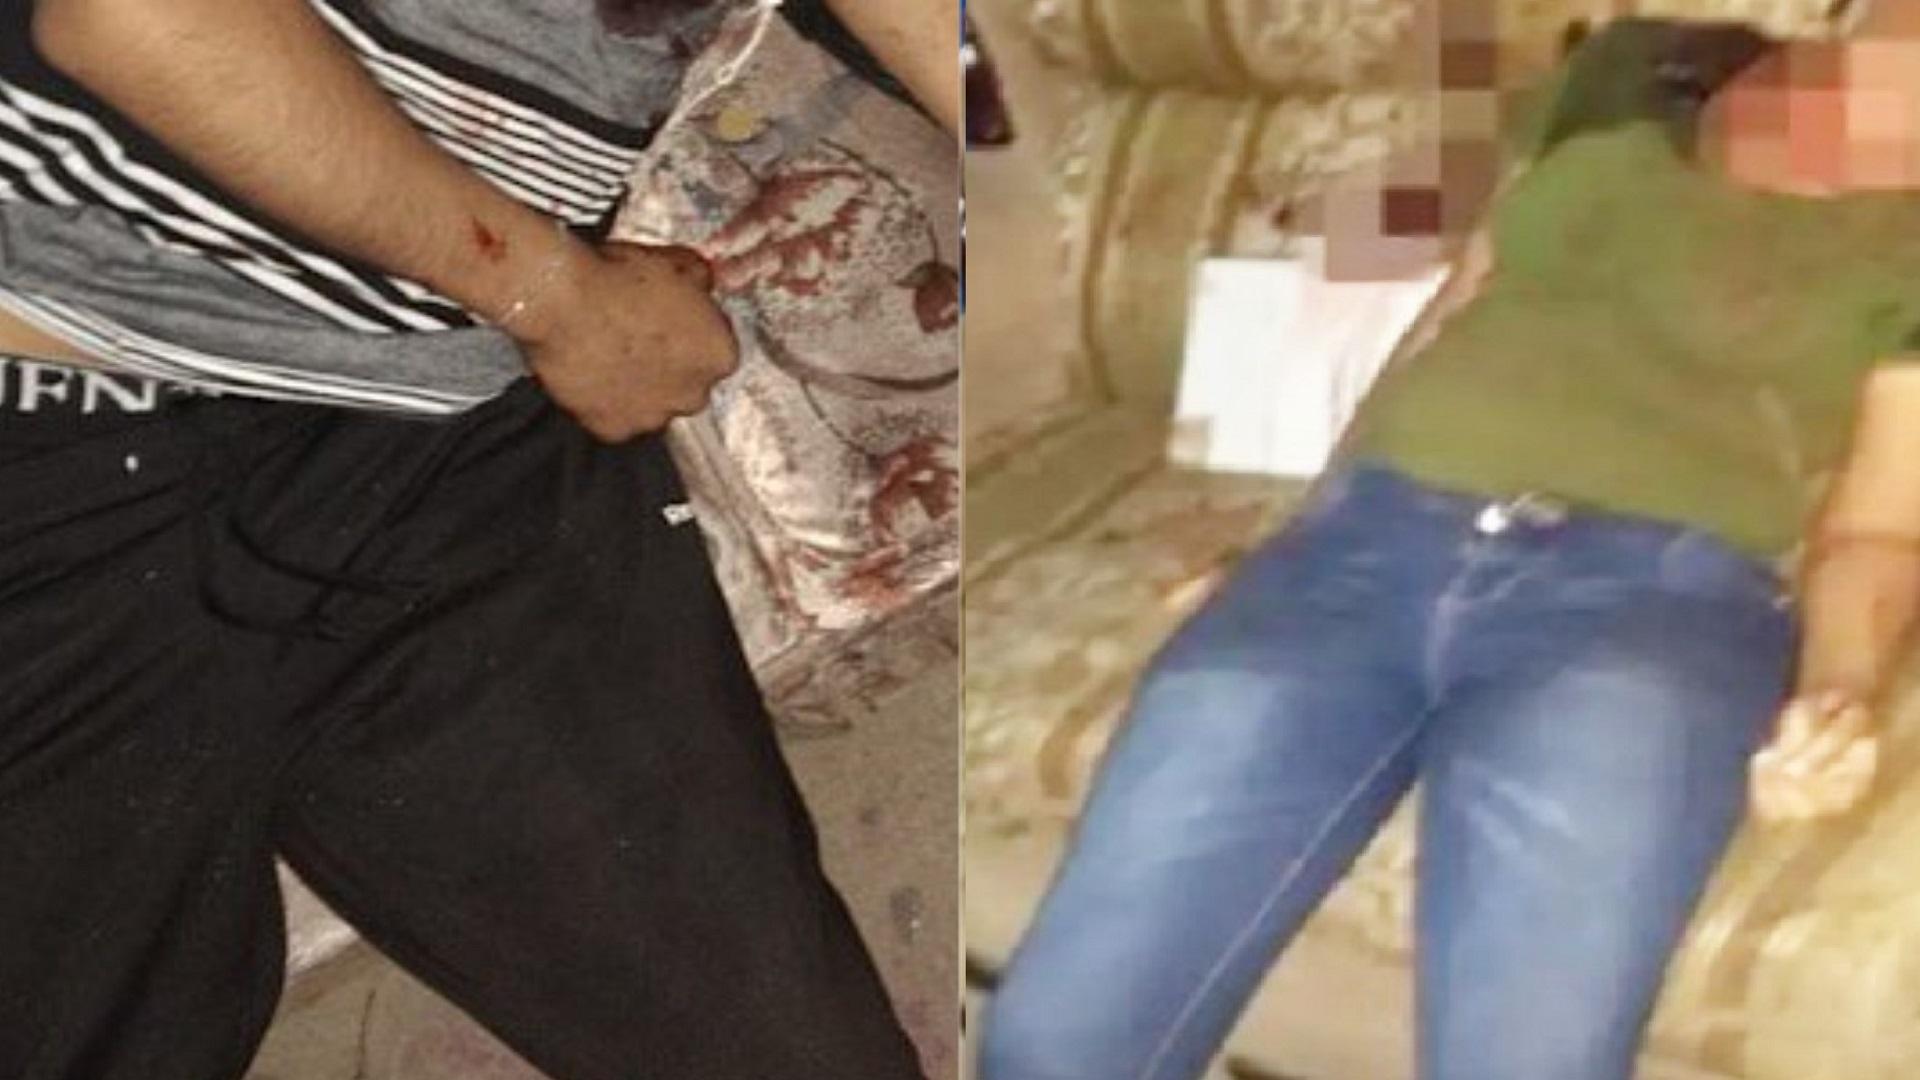 Algunas víctimas dentro de la casa. Foto de @alec_diaz_ y @GtoInforma